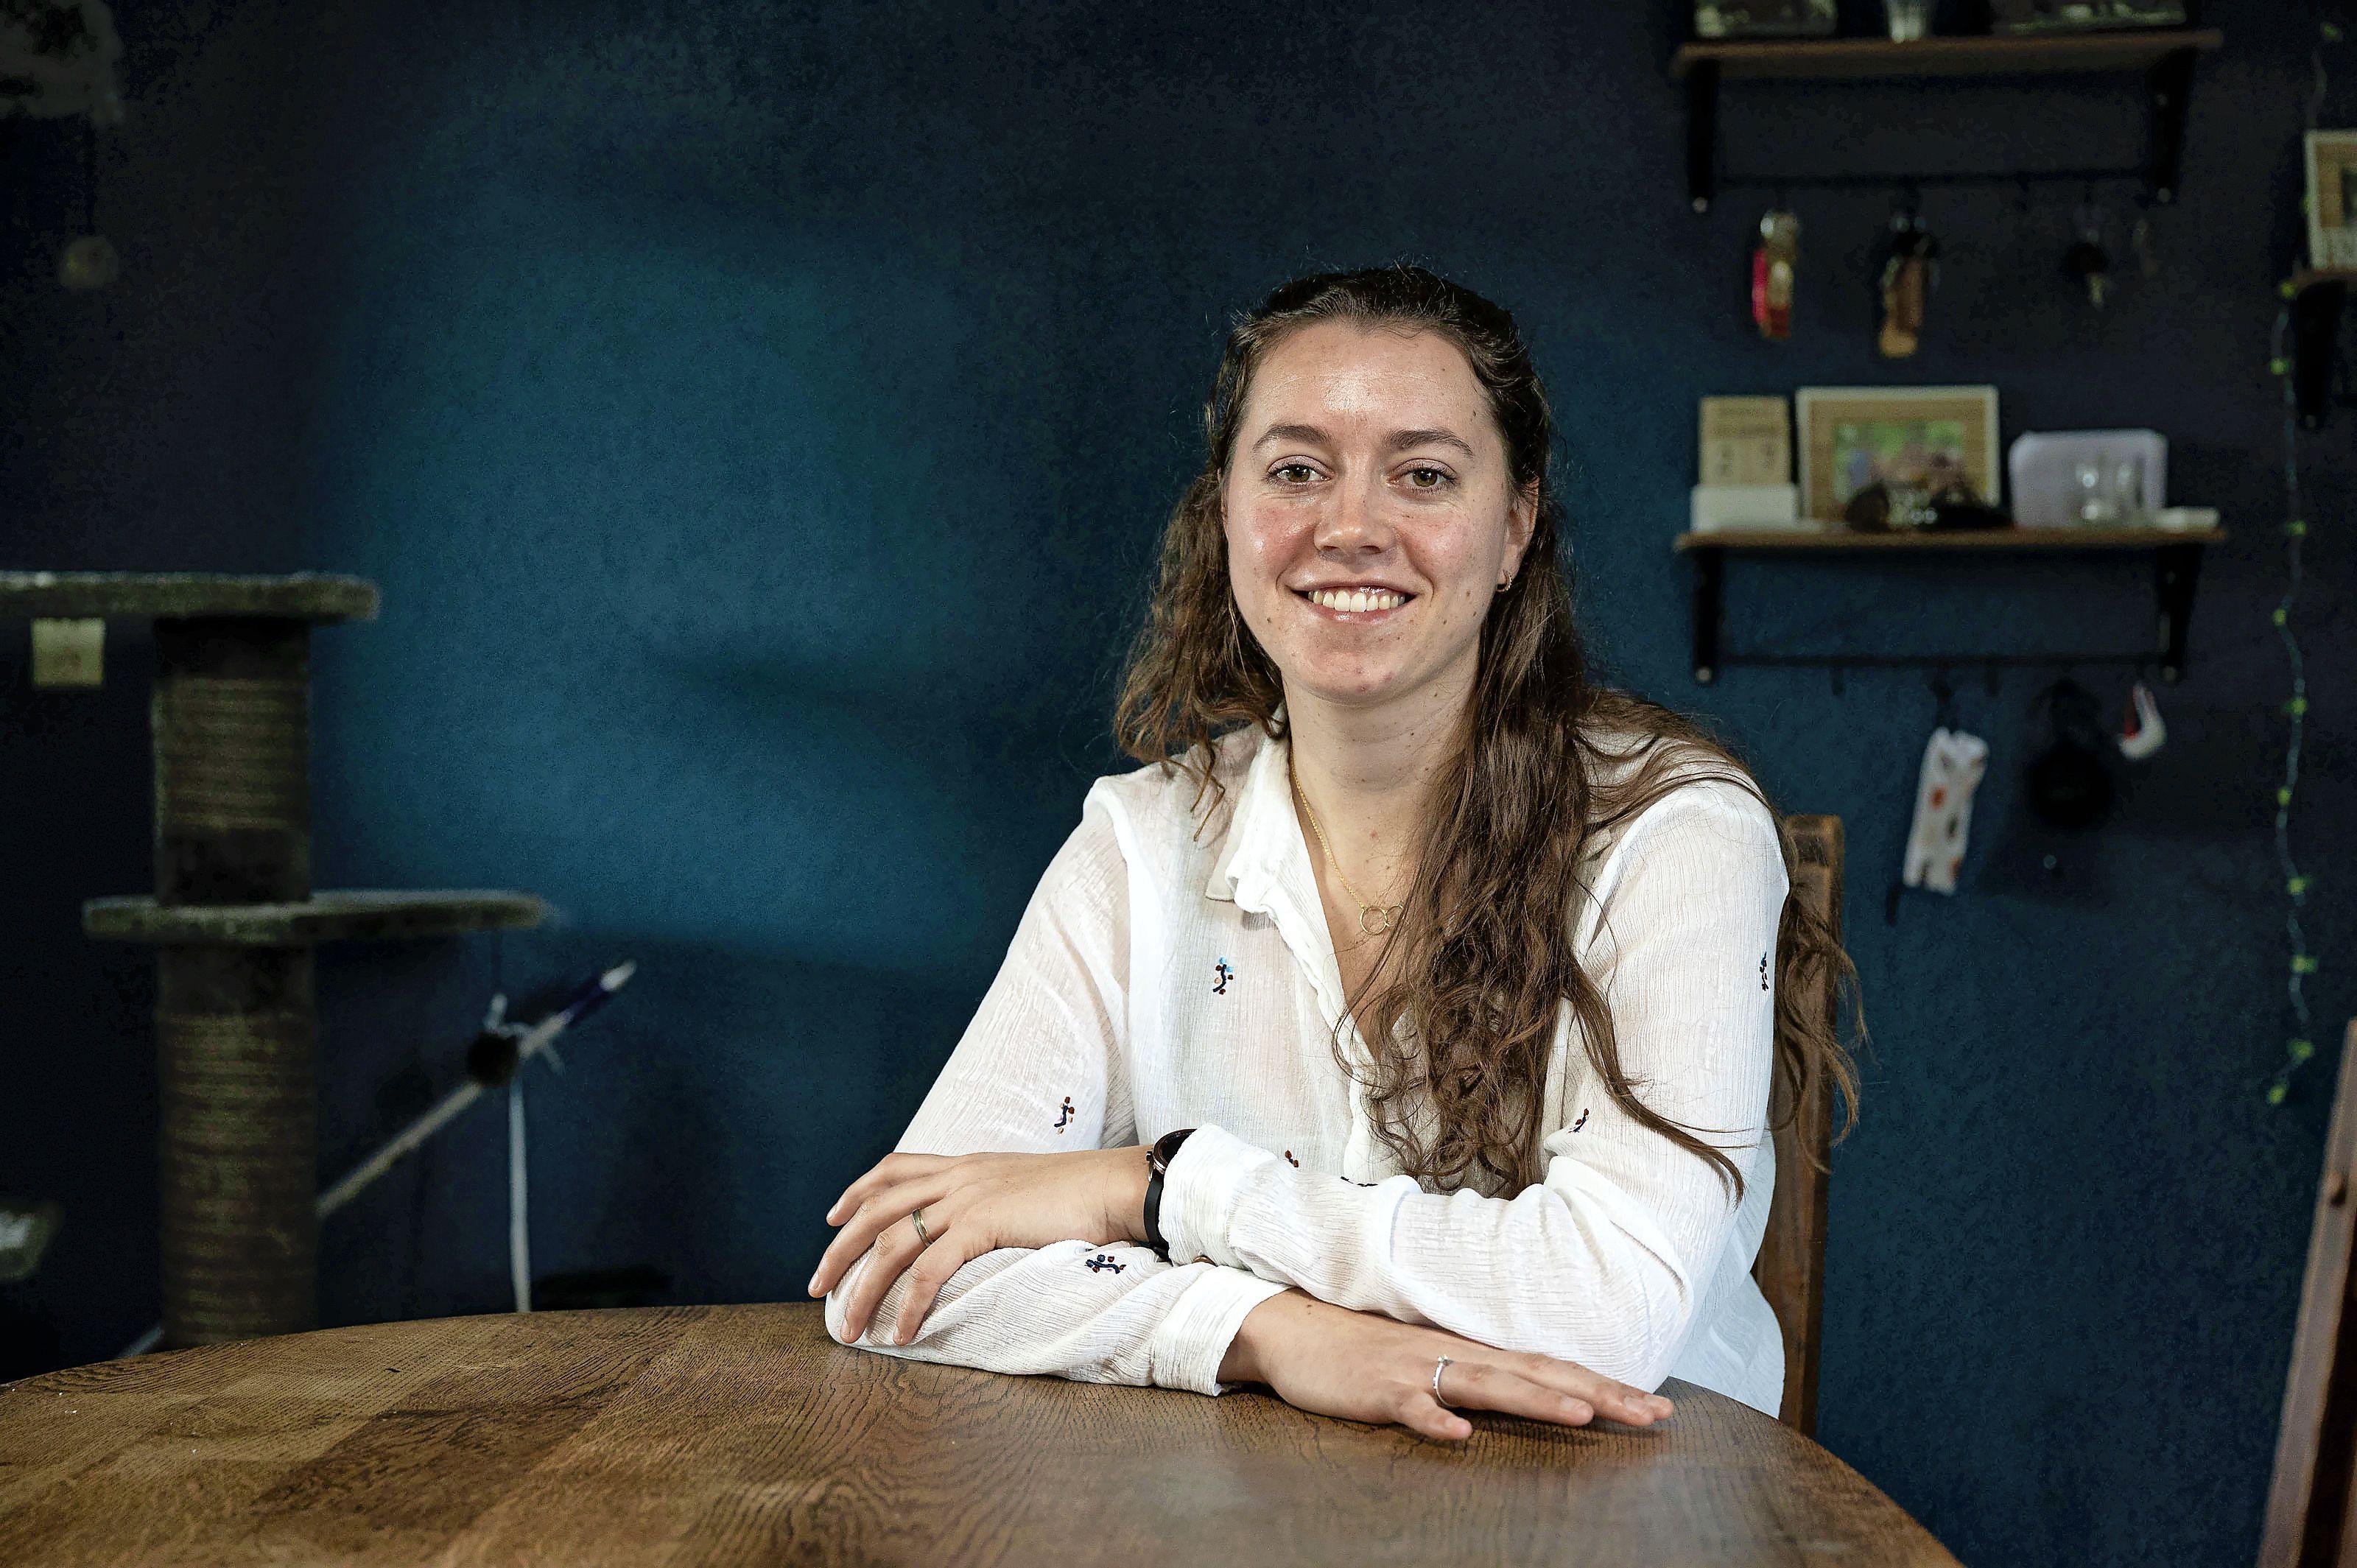 Een jaar na corona gaat het eindelijk beter met ic-verpleegkundige Emma (25): 'Lichamelijk ging het beter, psychisch werd het steeds zwaarder'